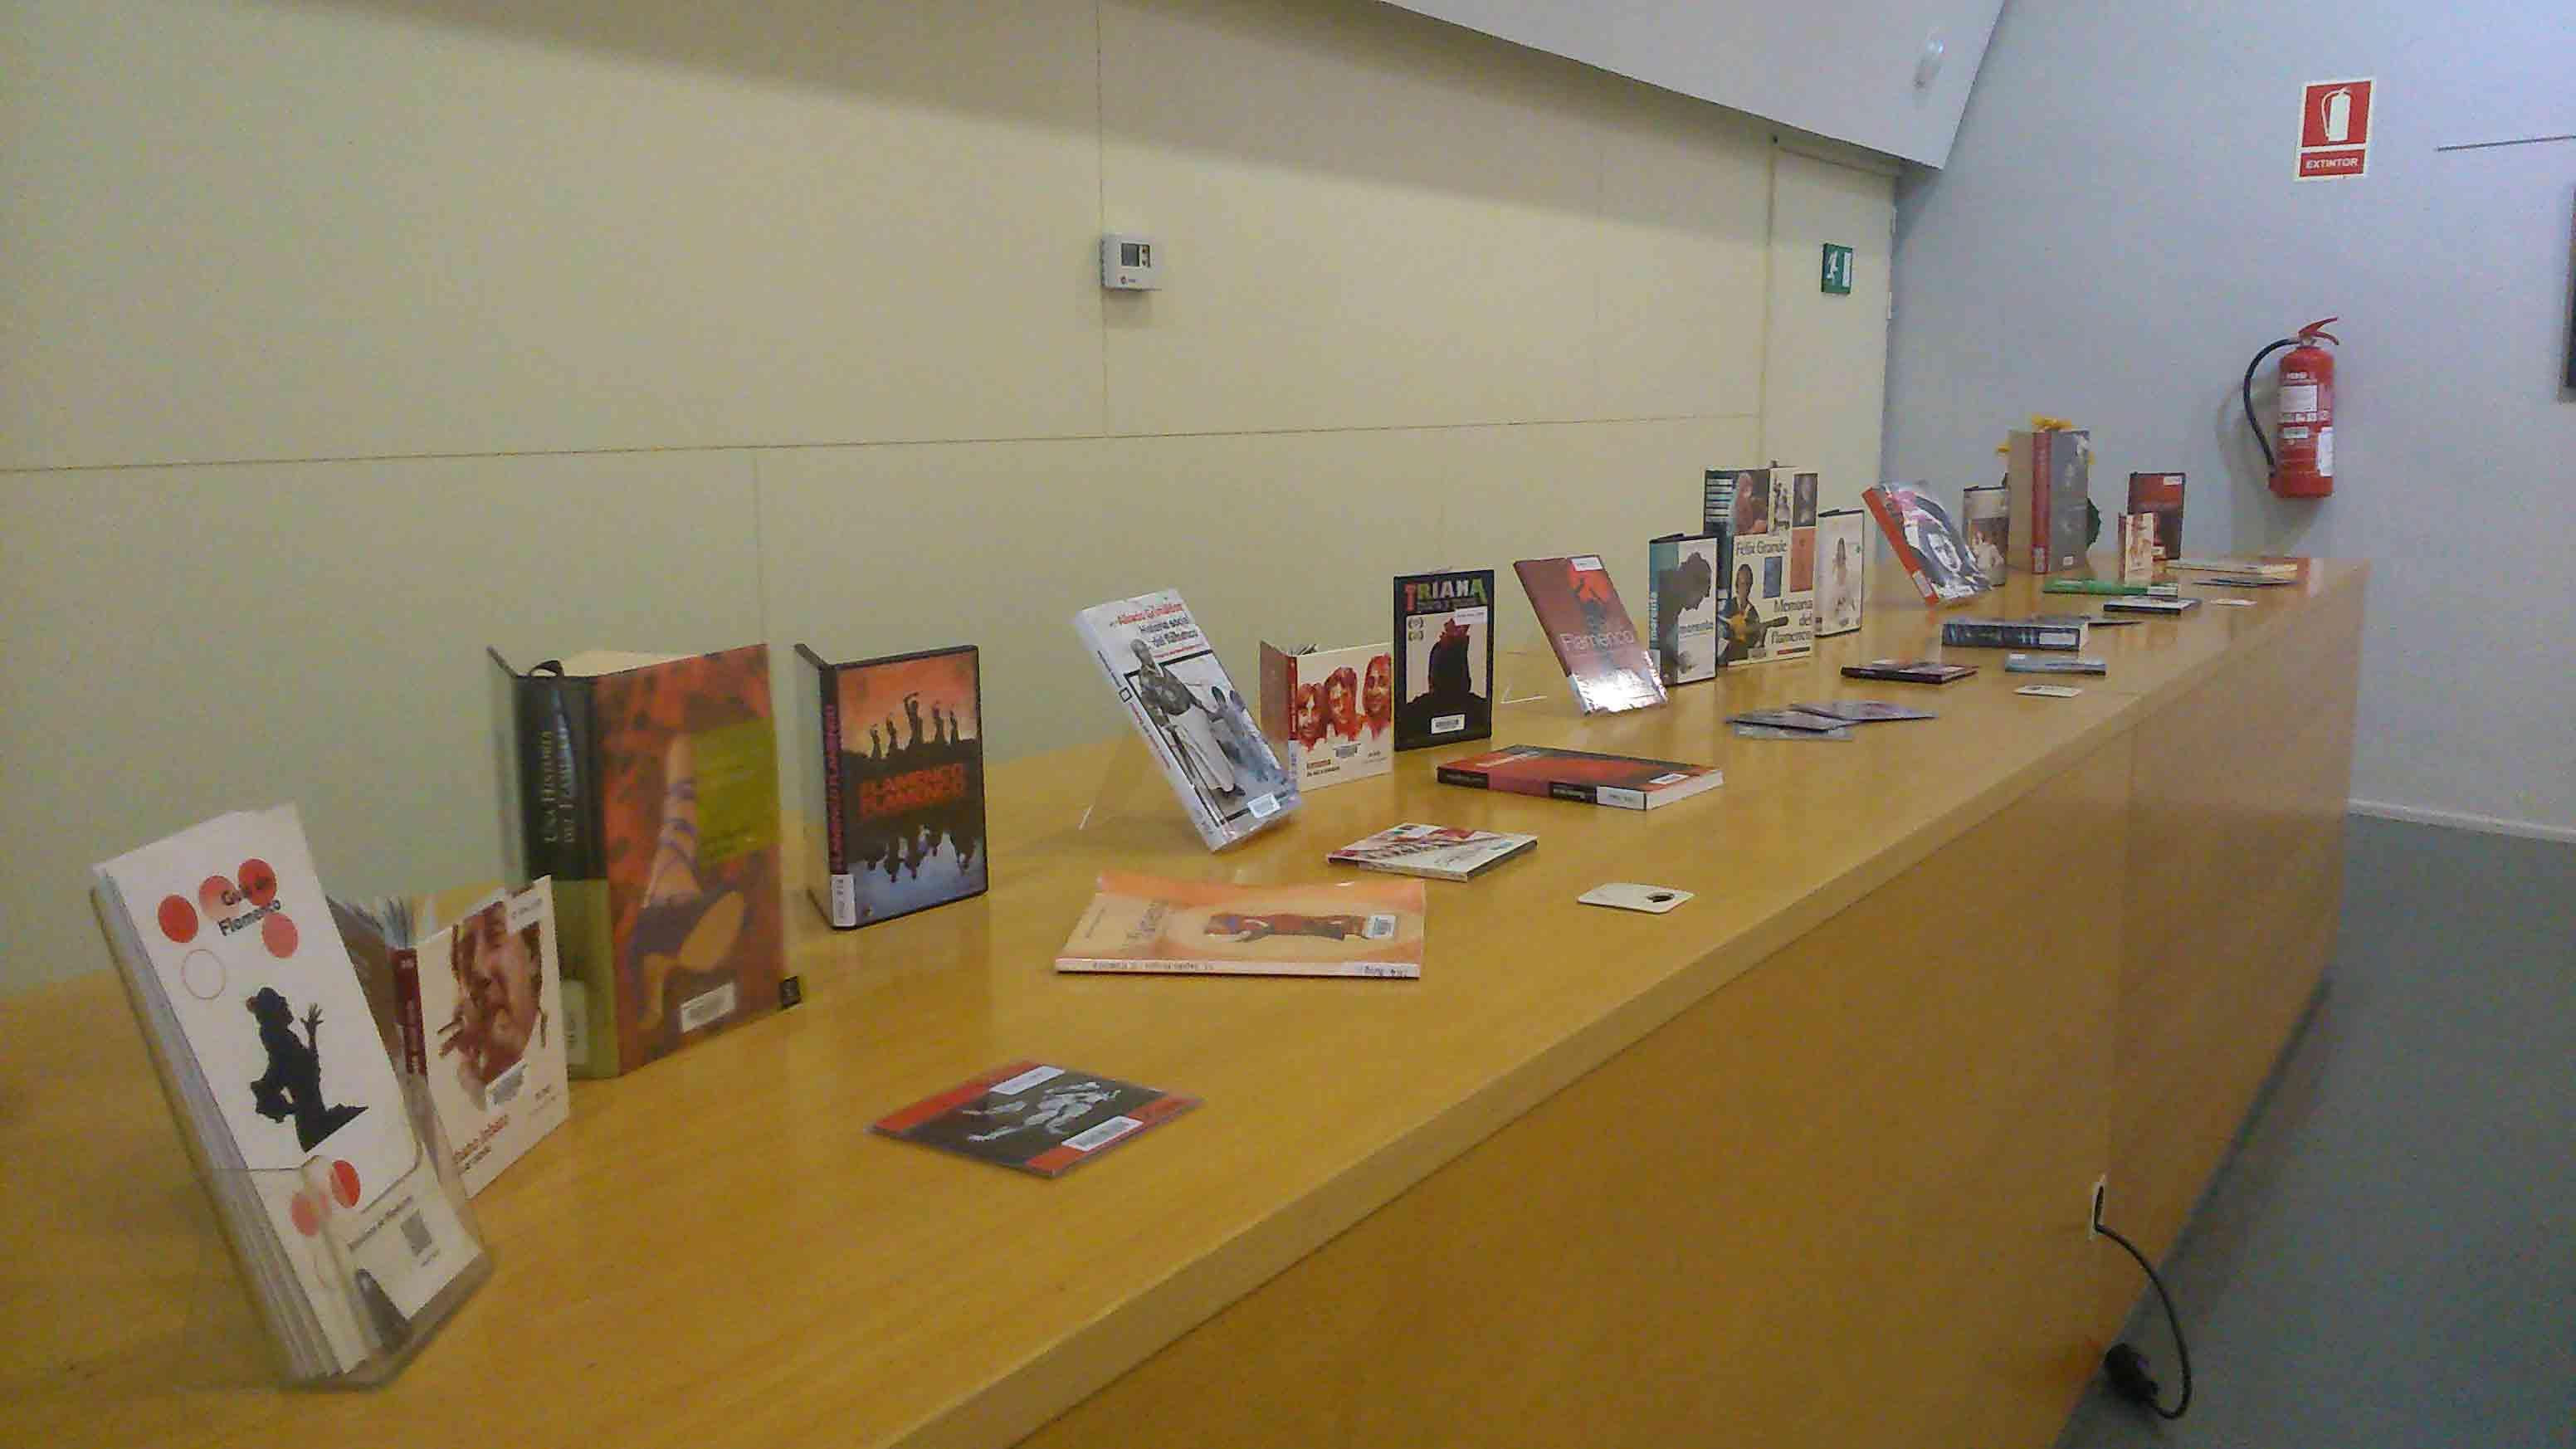 Mostra de documents sobre flamenc i Carmen Amaya a l'exposició itinerant del MAE Carmen Amaya a la Biblioteca de Viladecans, del 29 de març al 29 d'abril de 2016